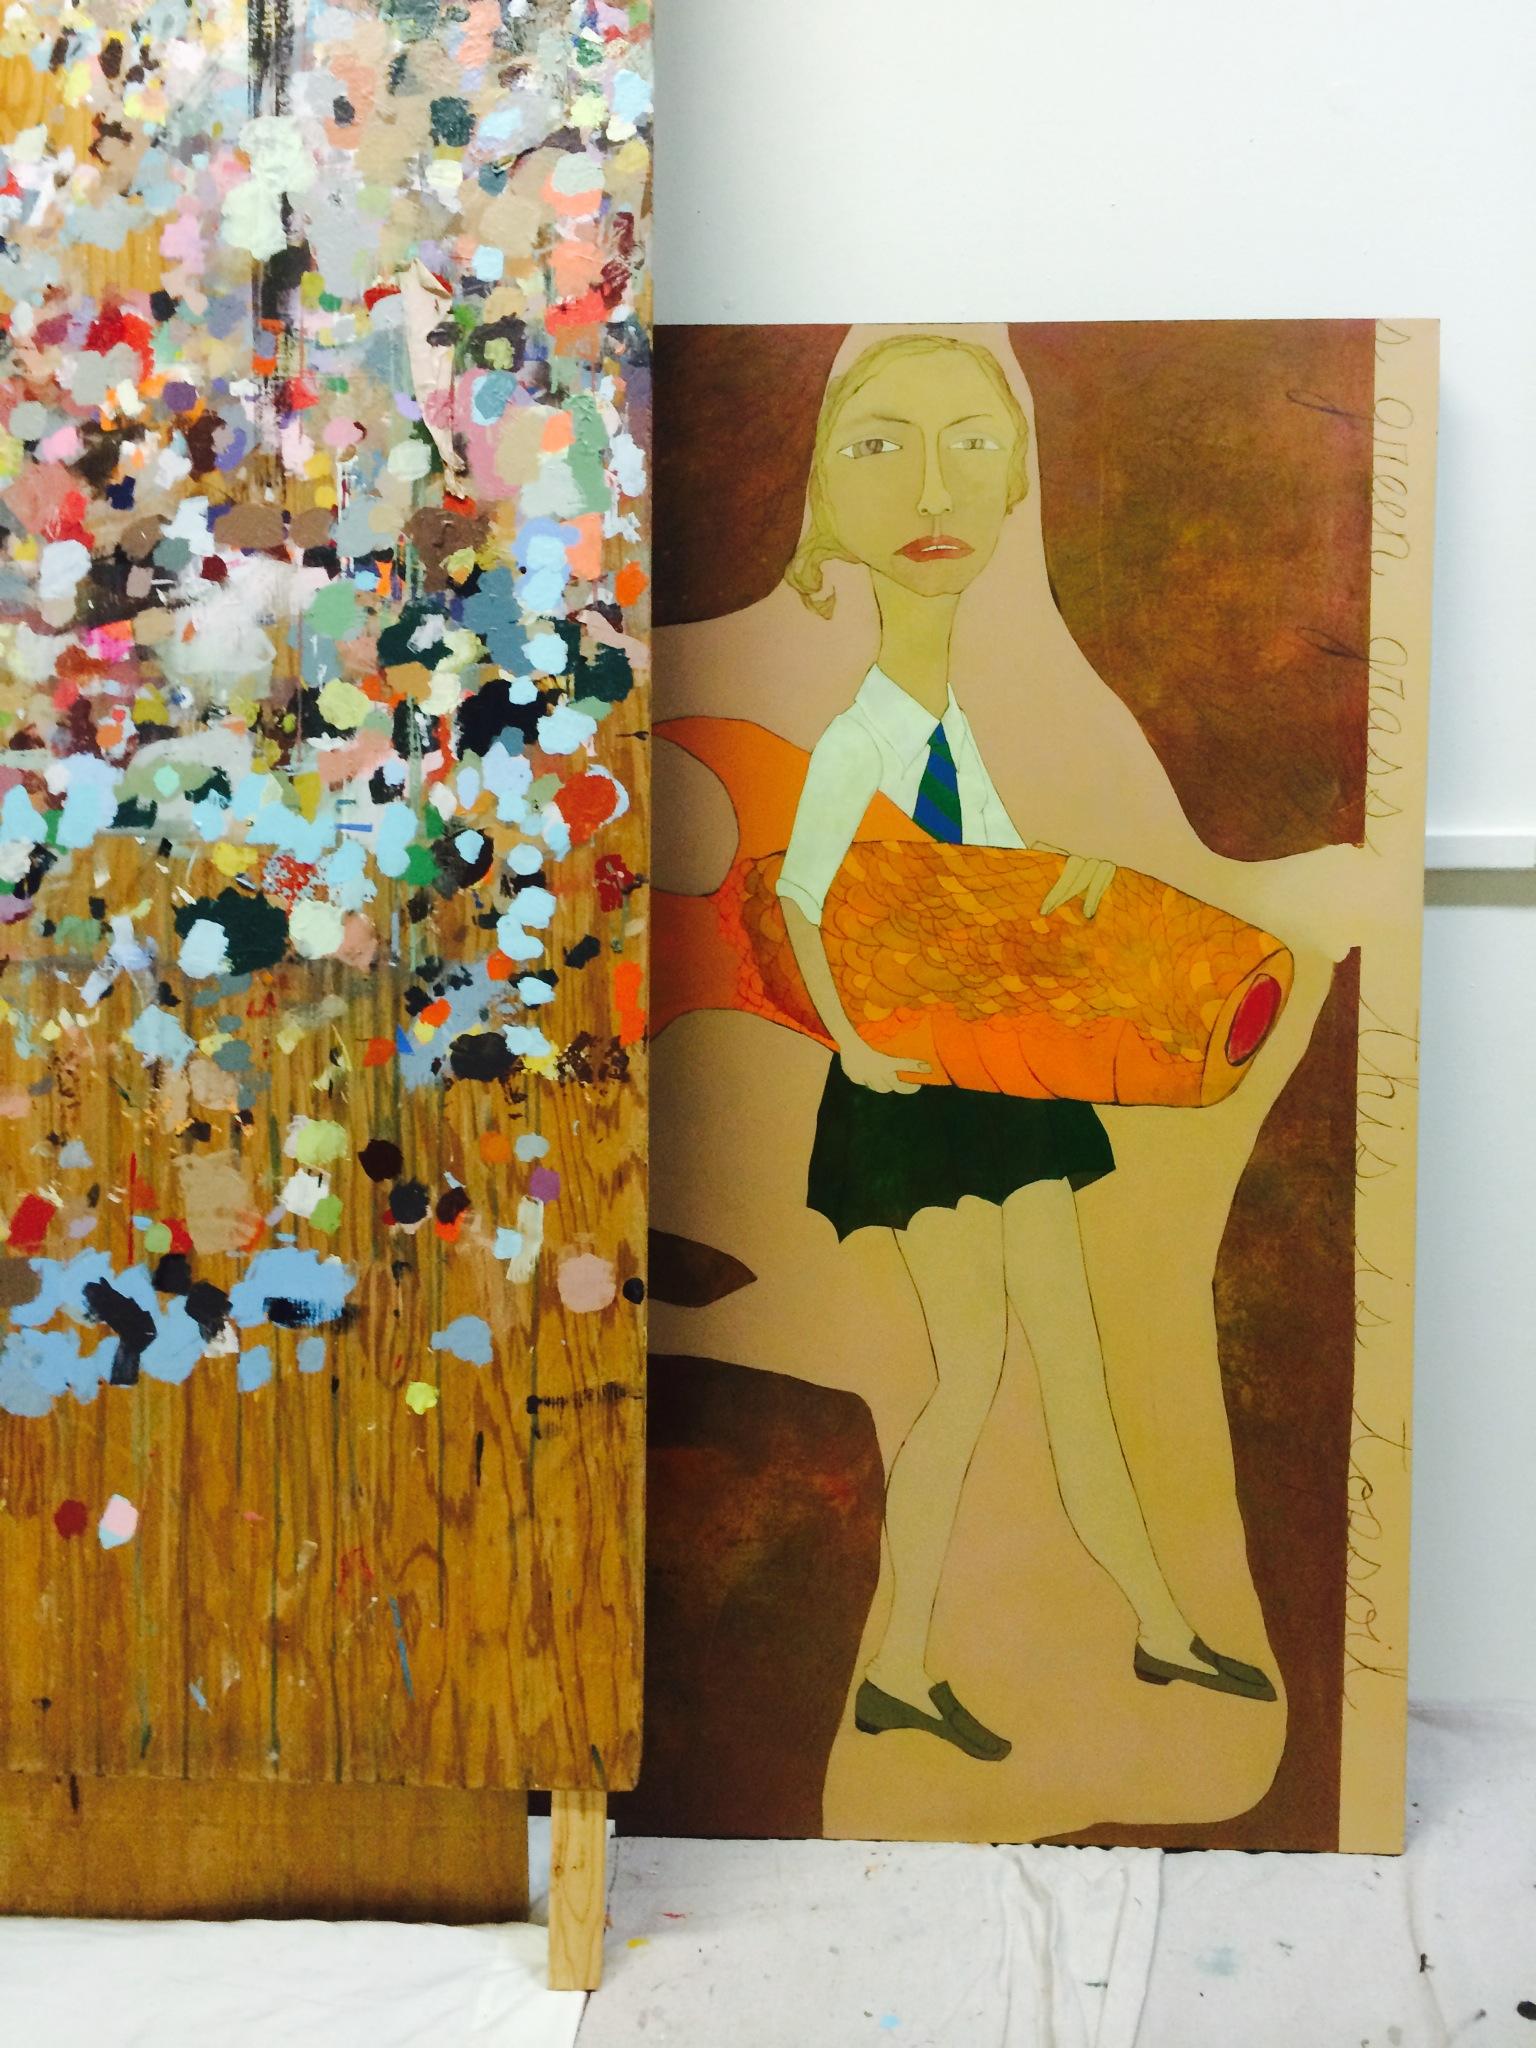 Catholic-School Girl and Goldfish .75 cents